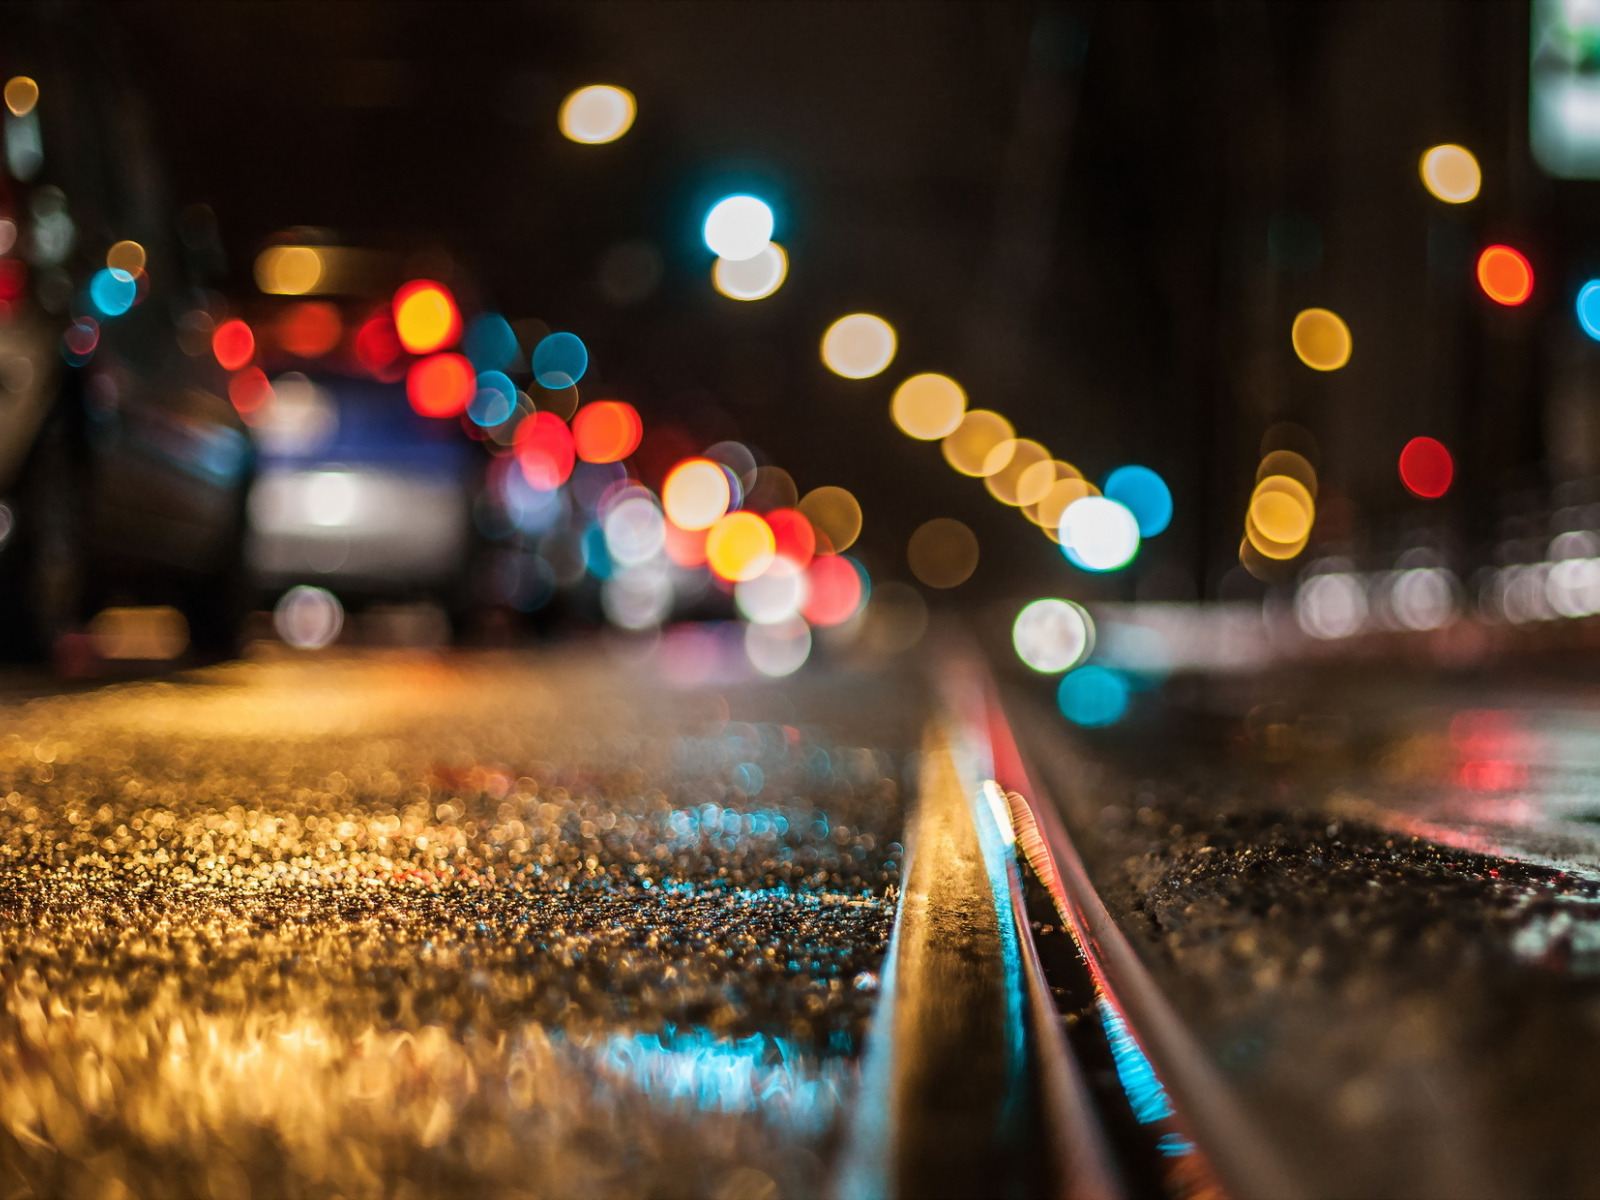 несколько десятилетий, картинки для телефона огни ночного города шпон изготавливают